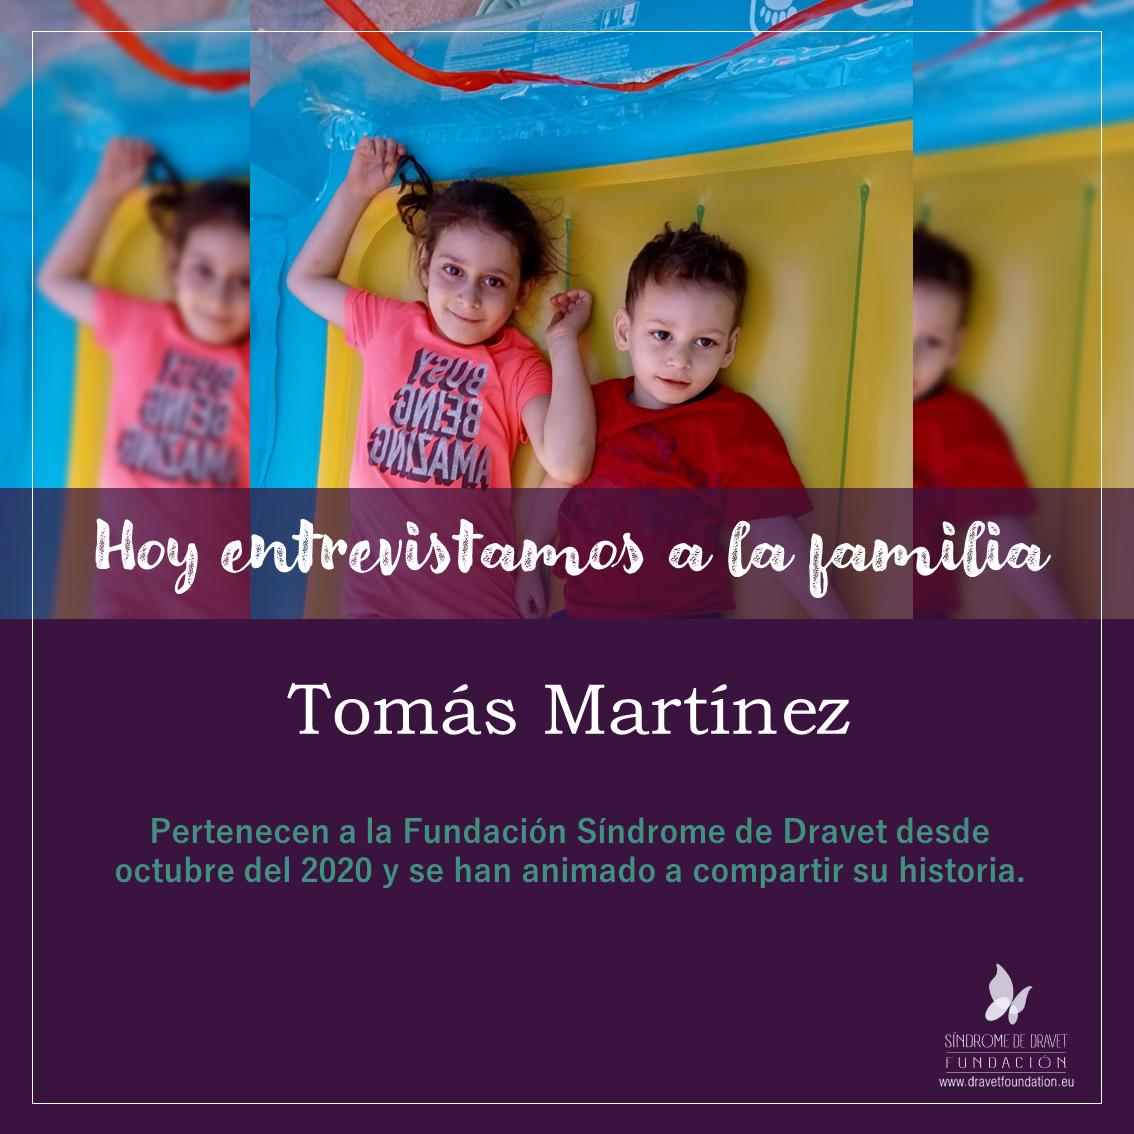 Entrevistamos a la familia Tomás Martínez